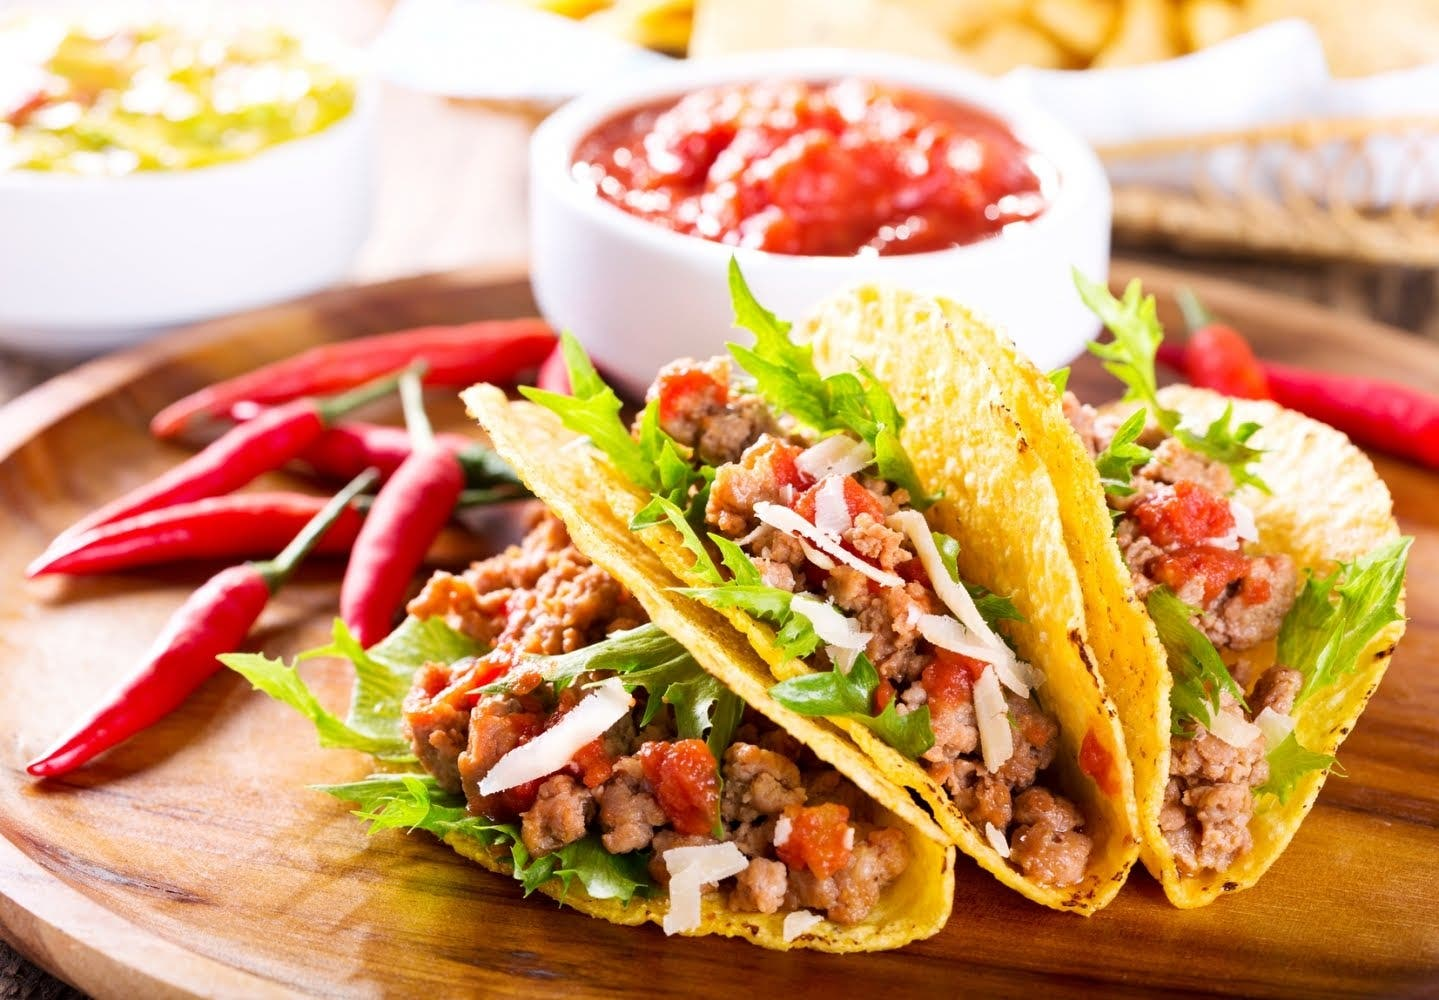 Resultado de imagen para comida mexicana cetogenica